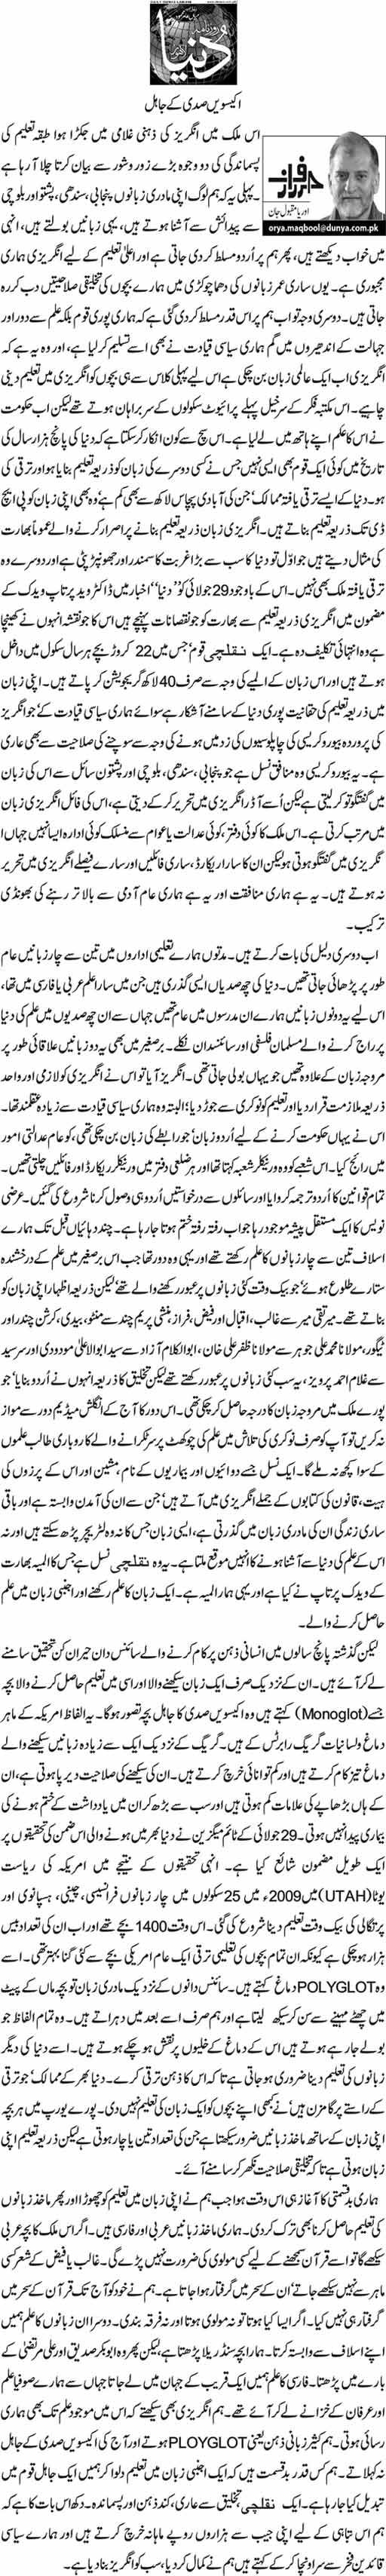 21 ve Saddi K Jahil - Orya Maqbool Jan